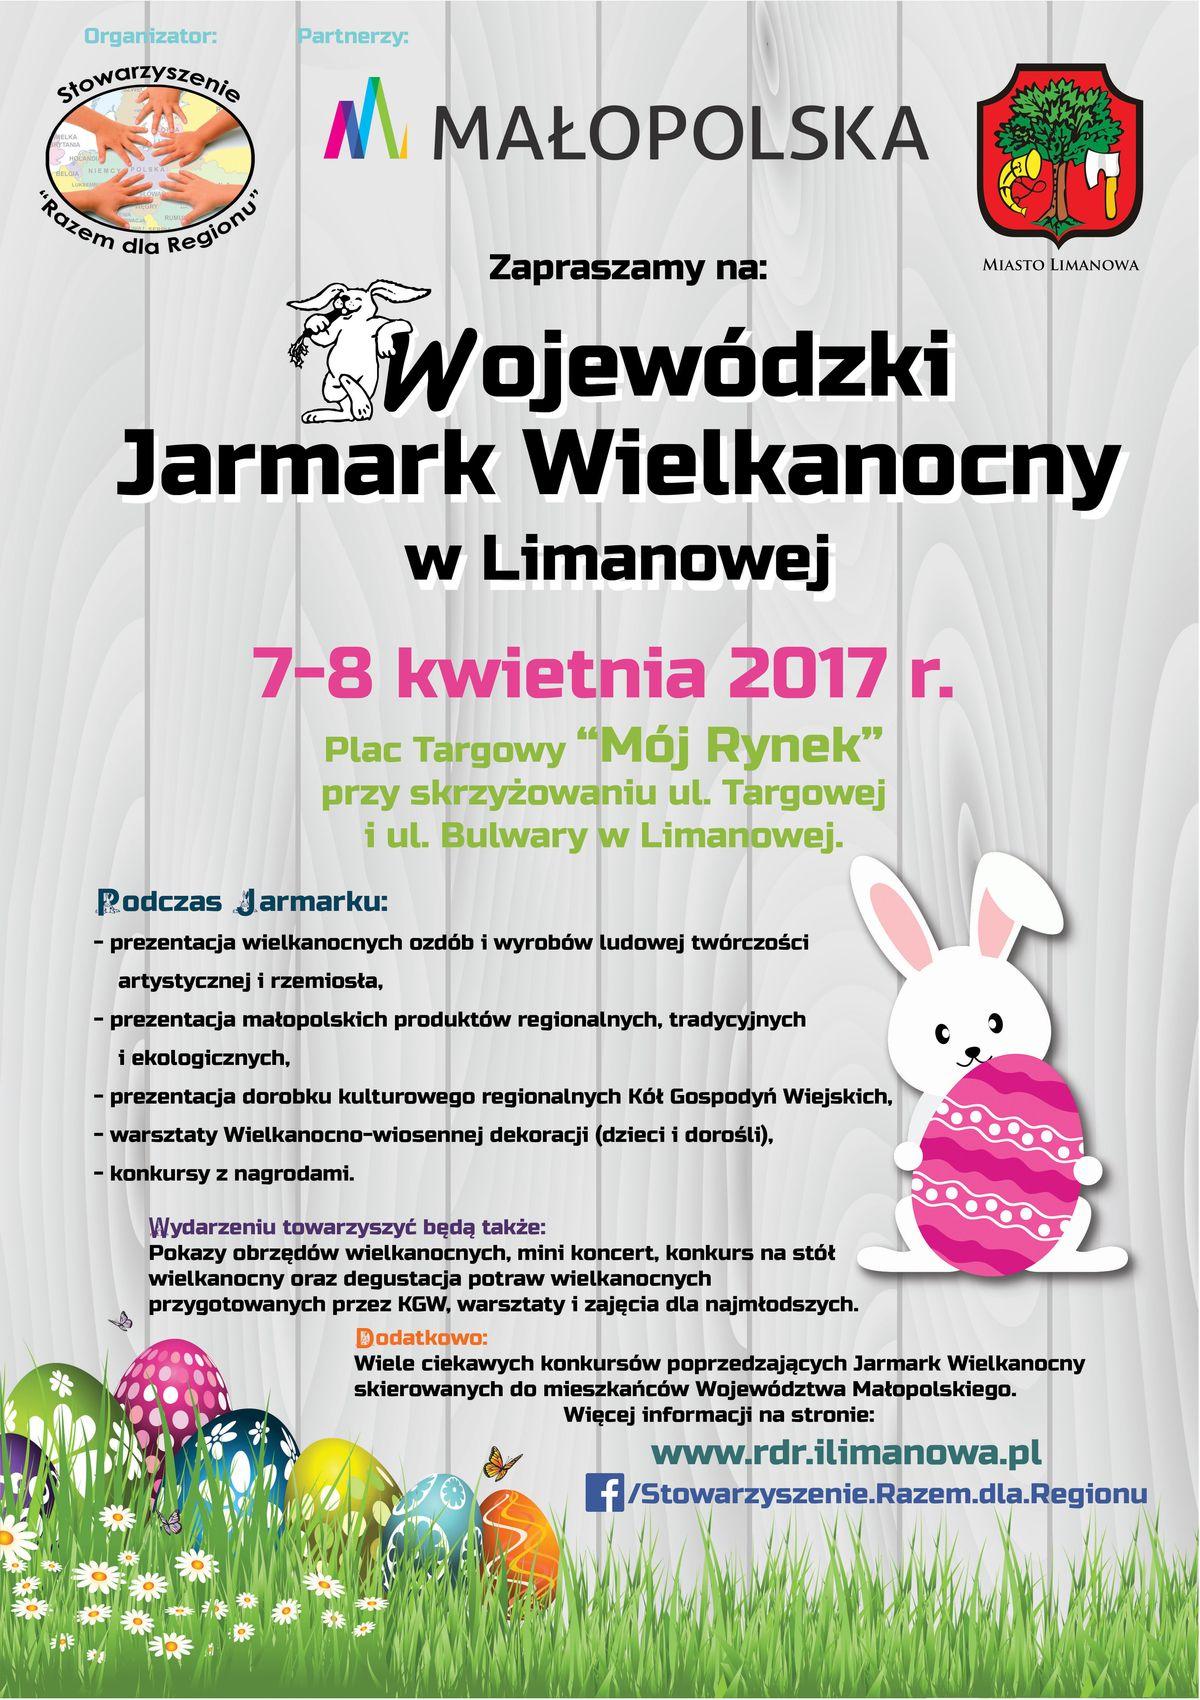 Wojewódzki Jarmark Wielkanocy wLimanowej